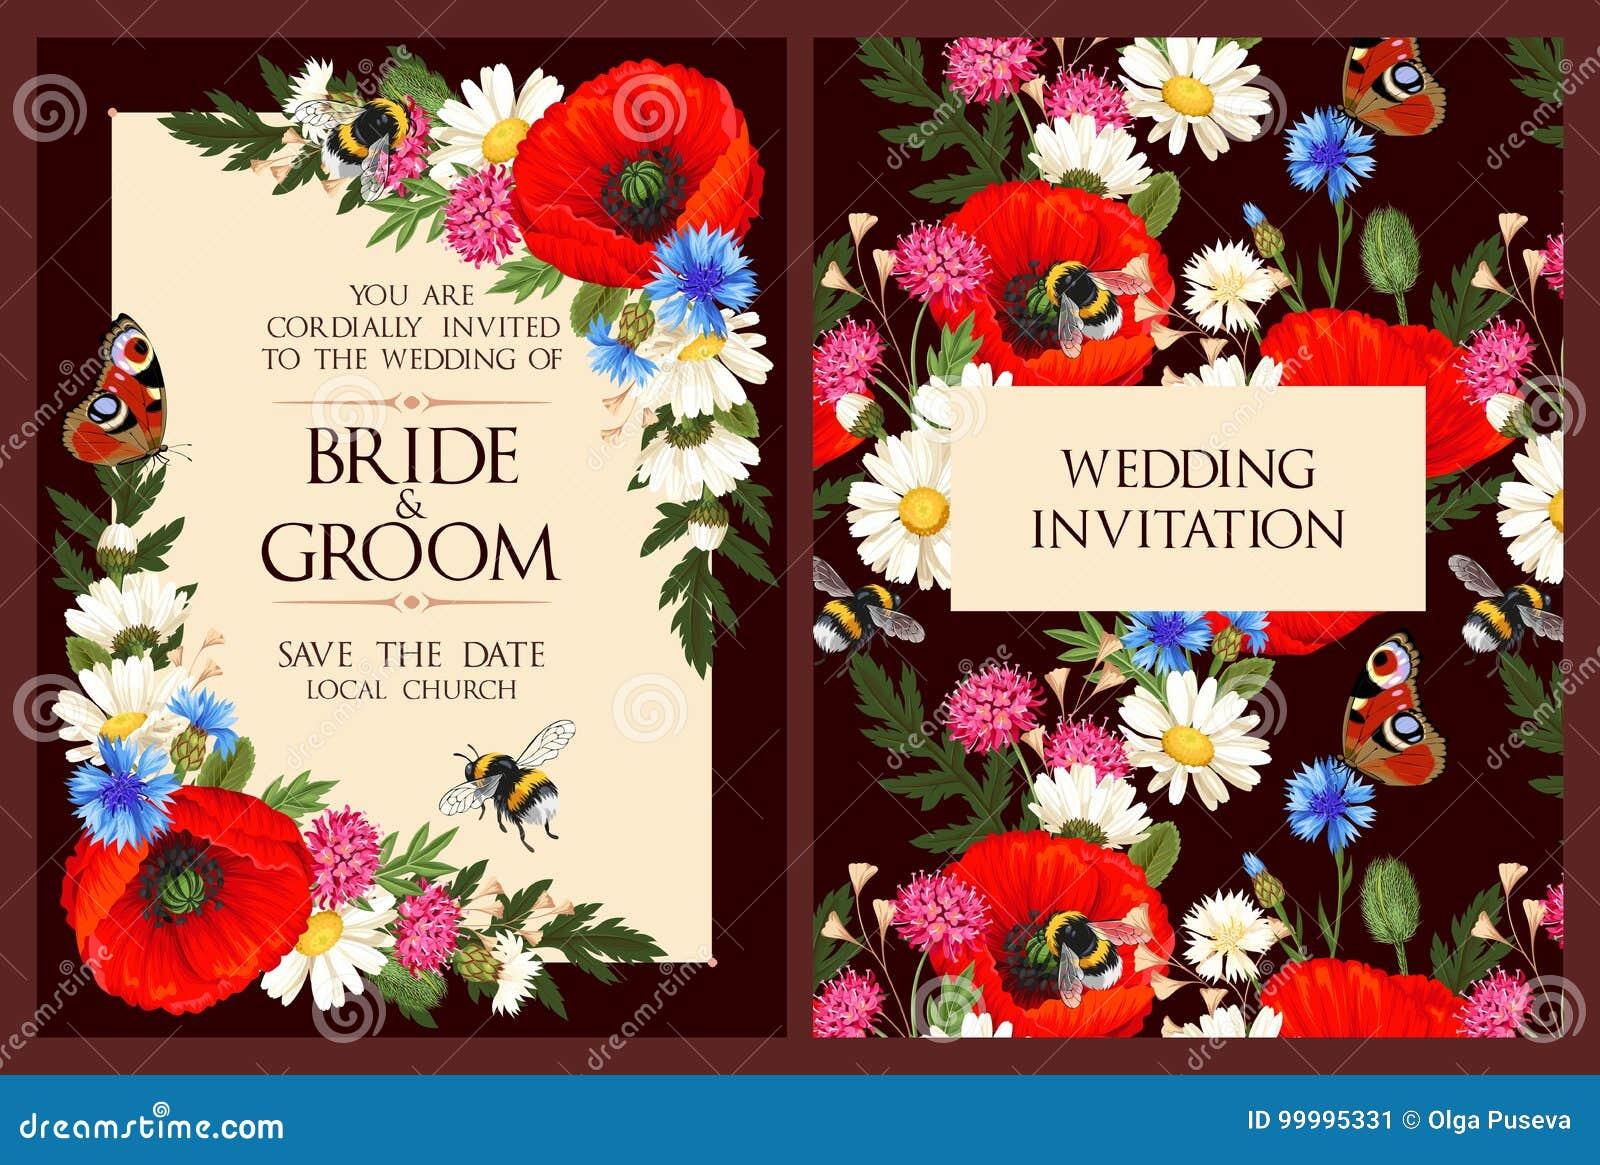 Vintage wedding invitation stock vector. Illustration of shabbychic ...